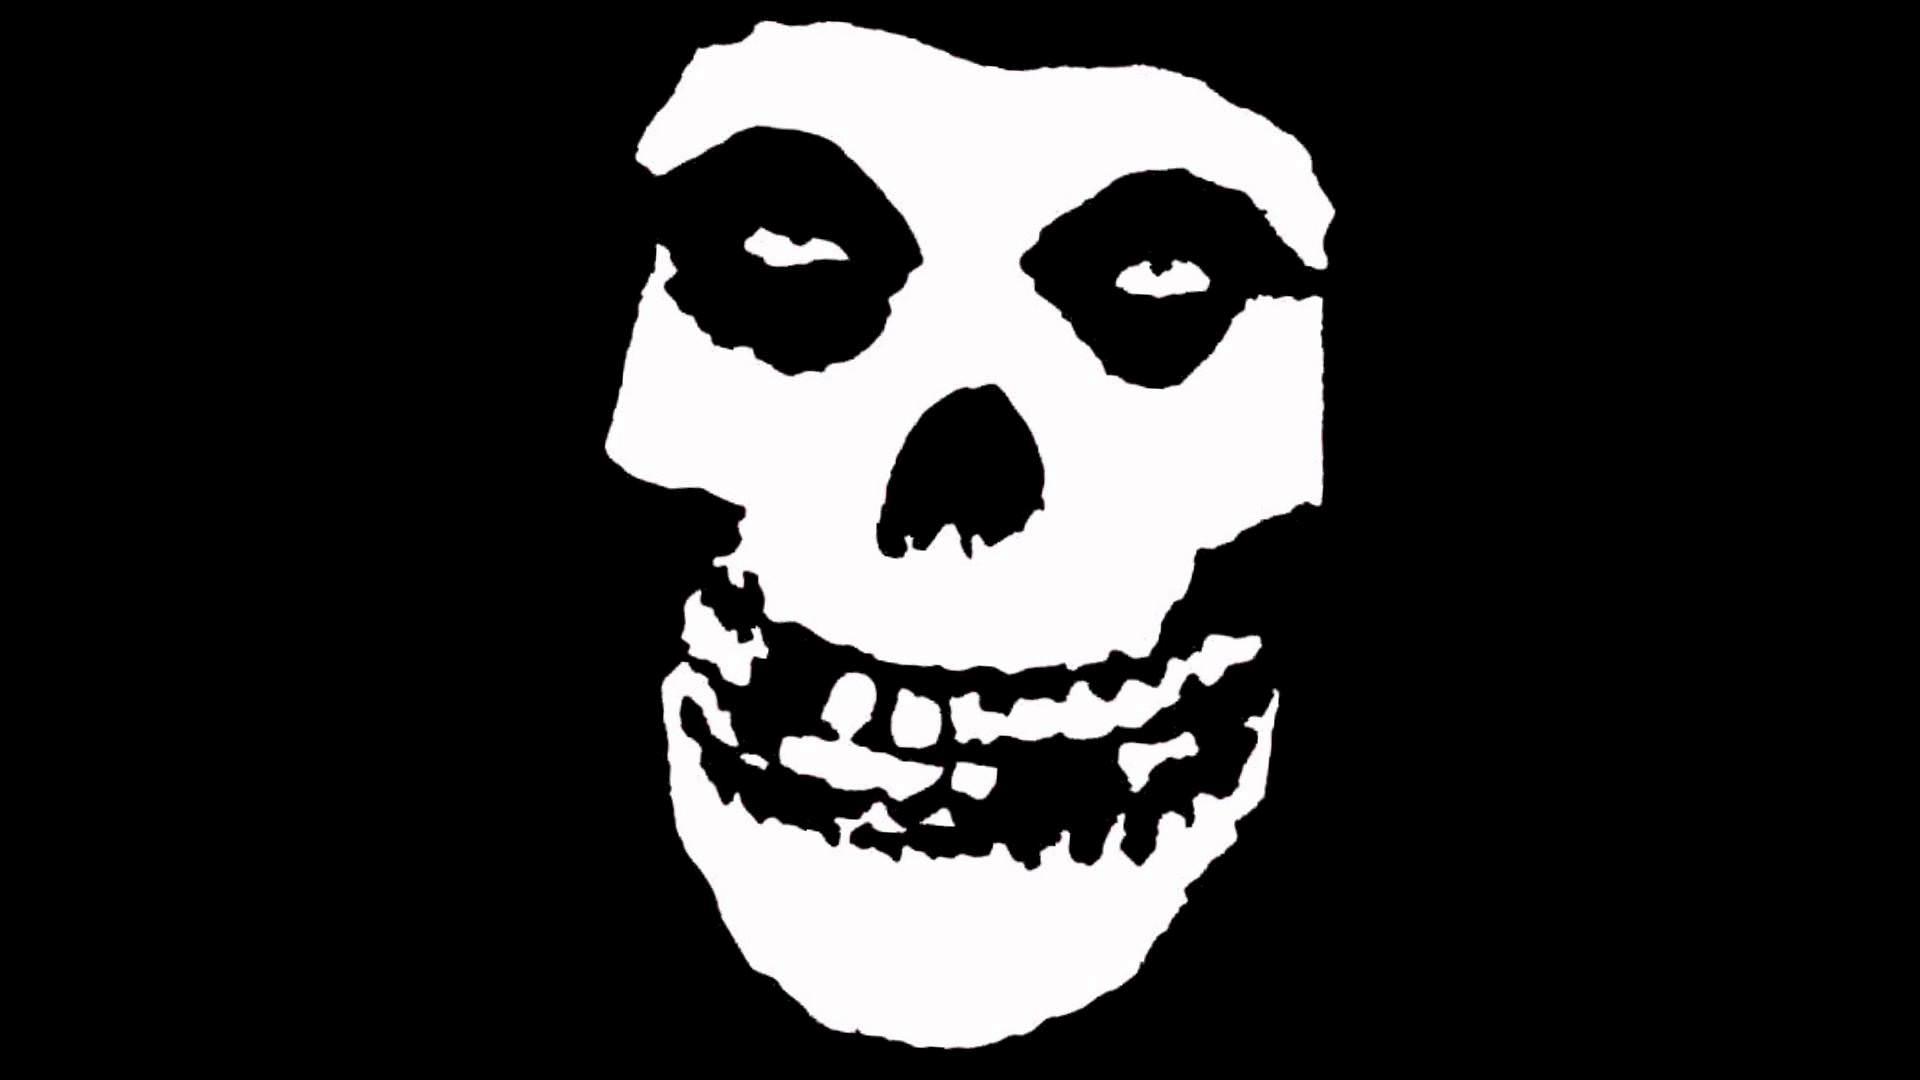 Misfits Skull Wallpapers On Wallpaperdog